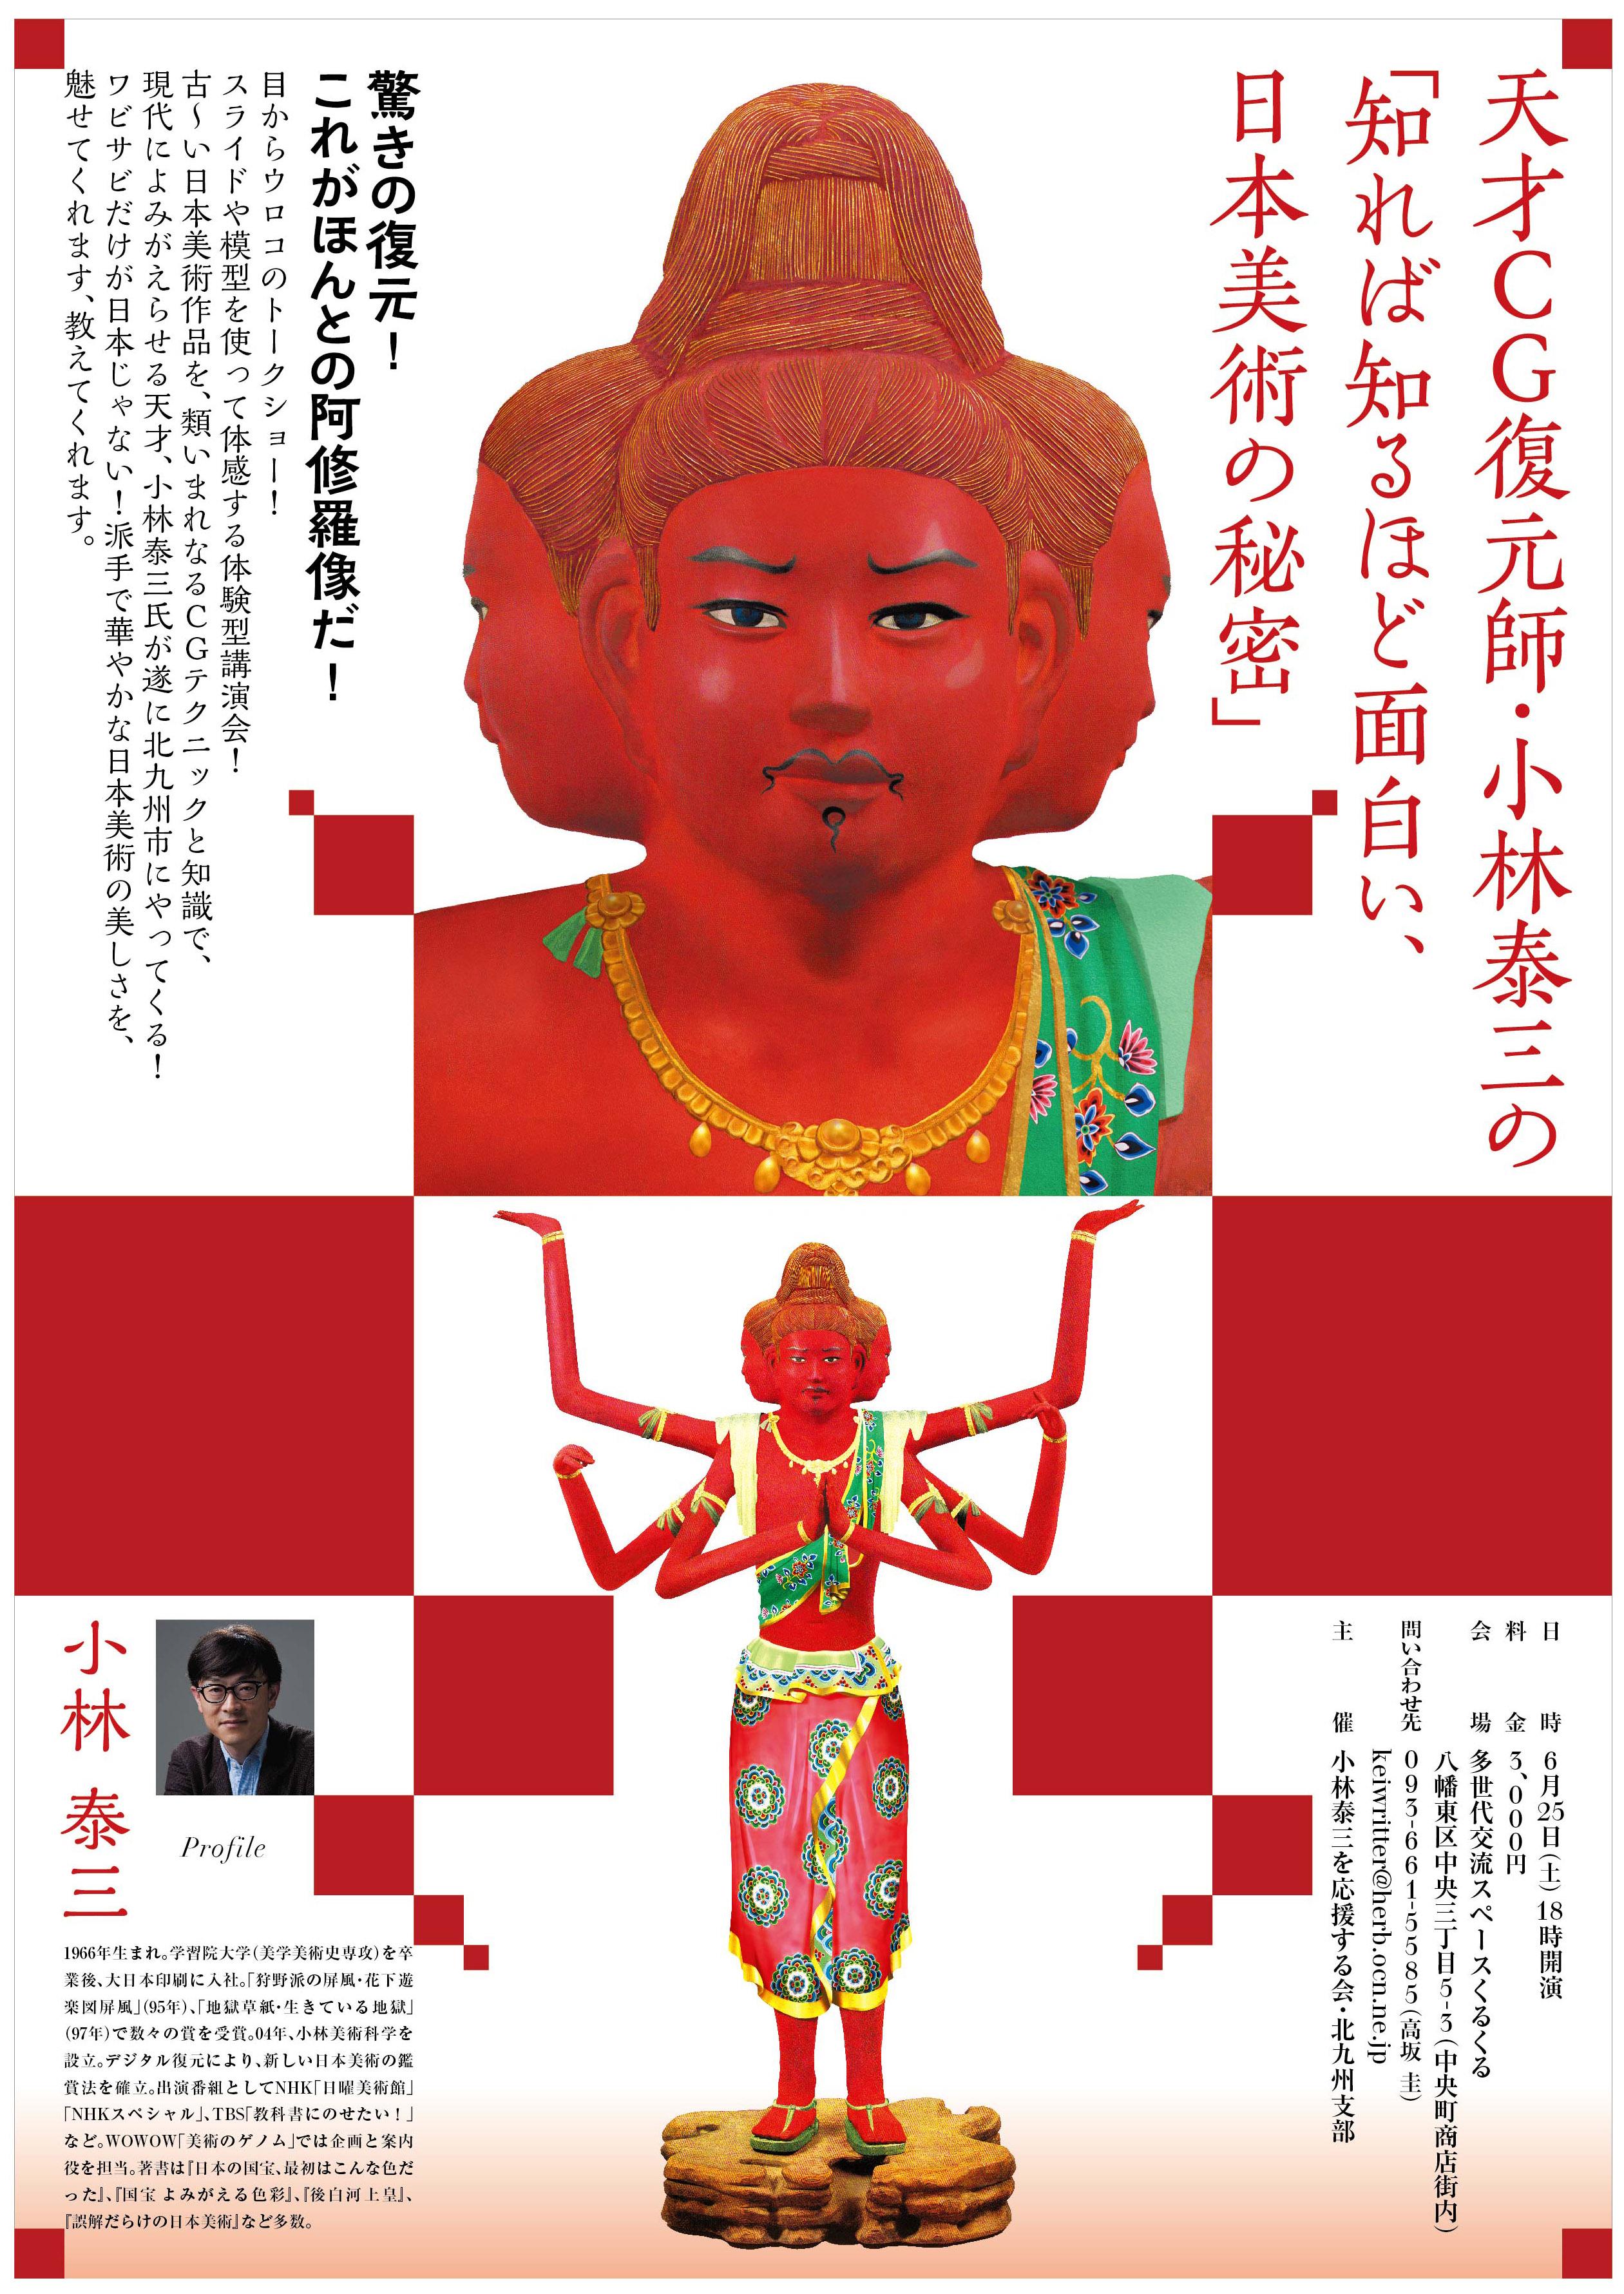 CG復元師小林泰三の知れば知るほど面白い、日本美術の秘密1